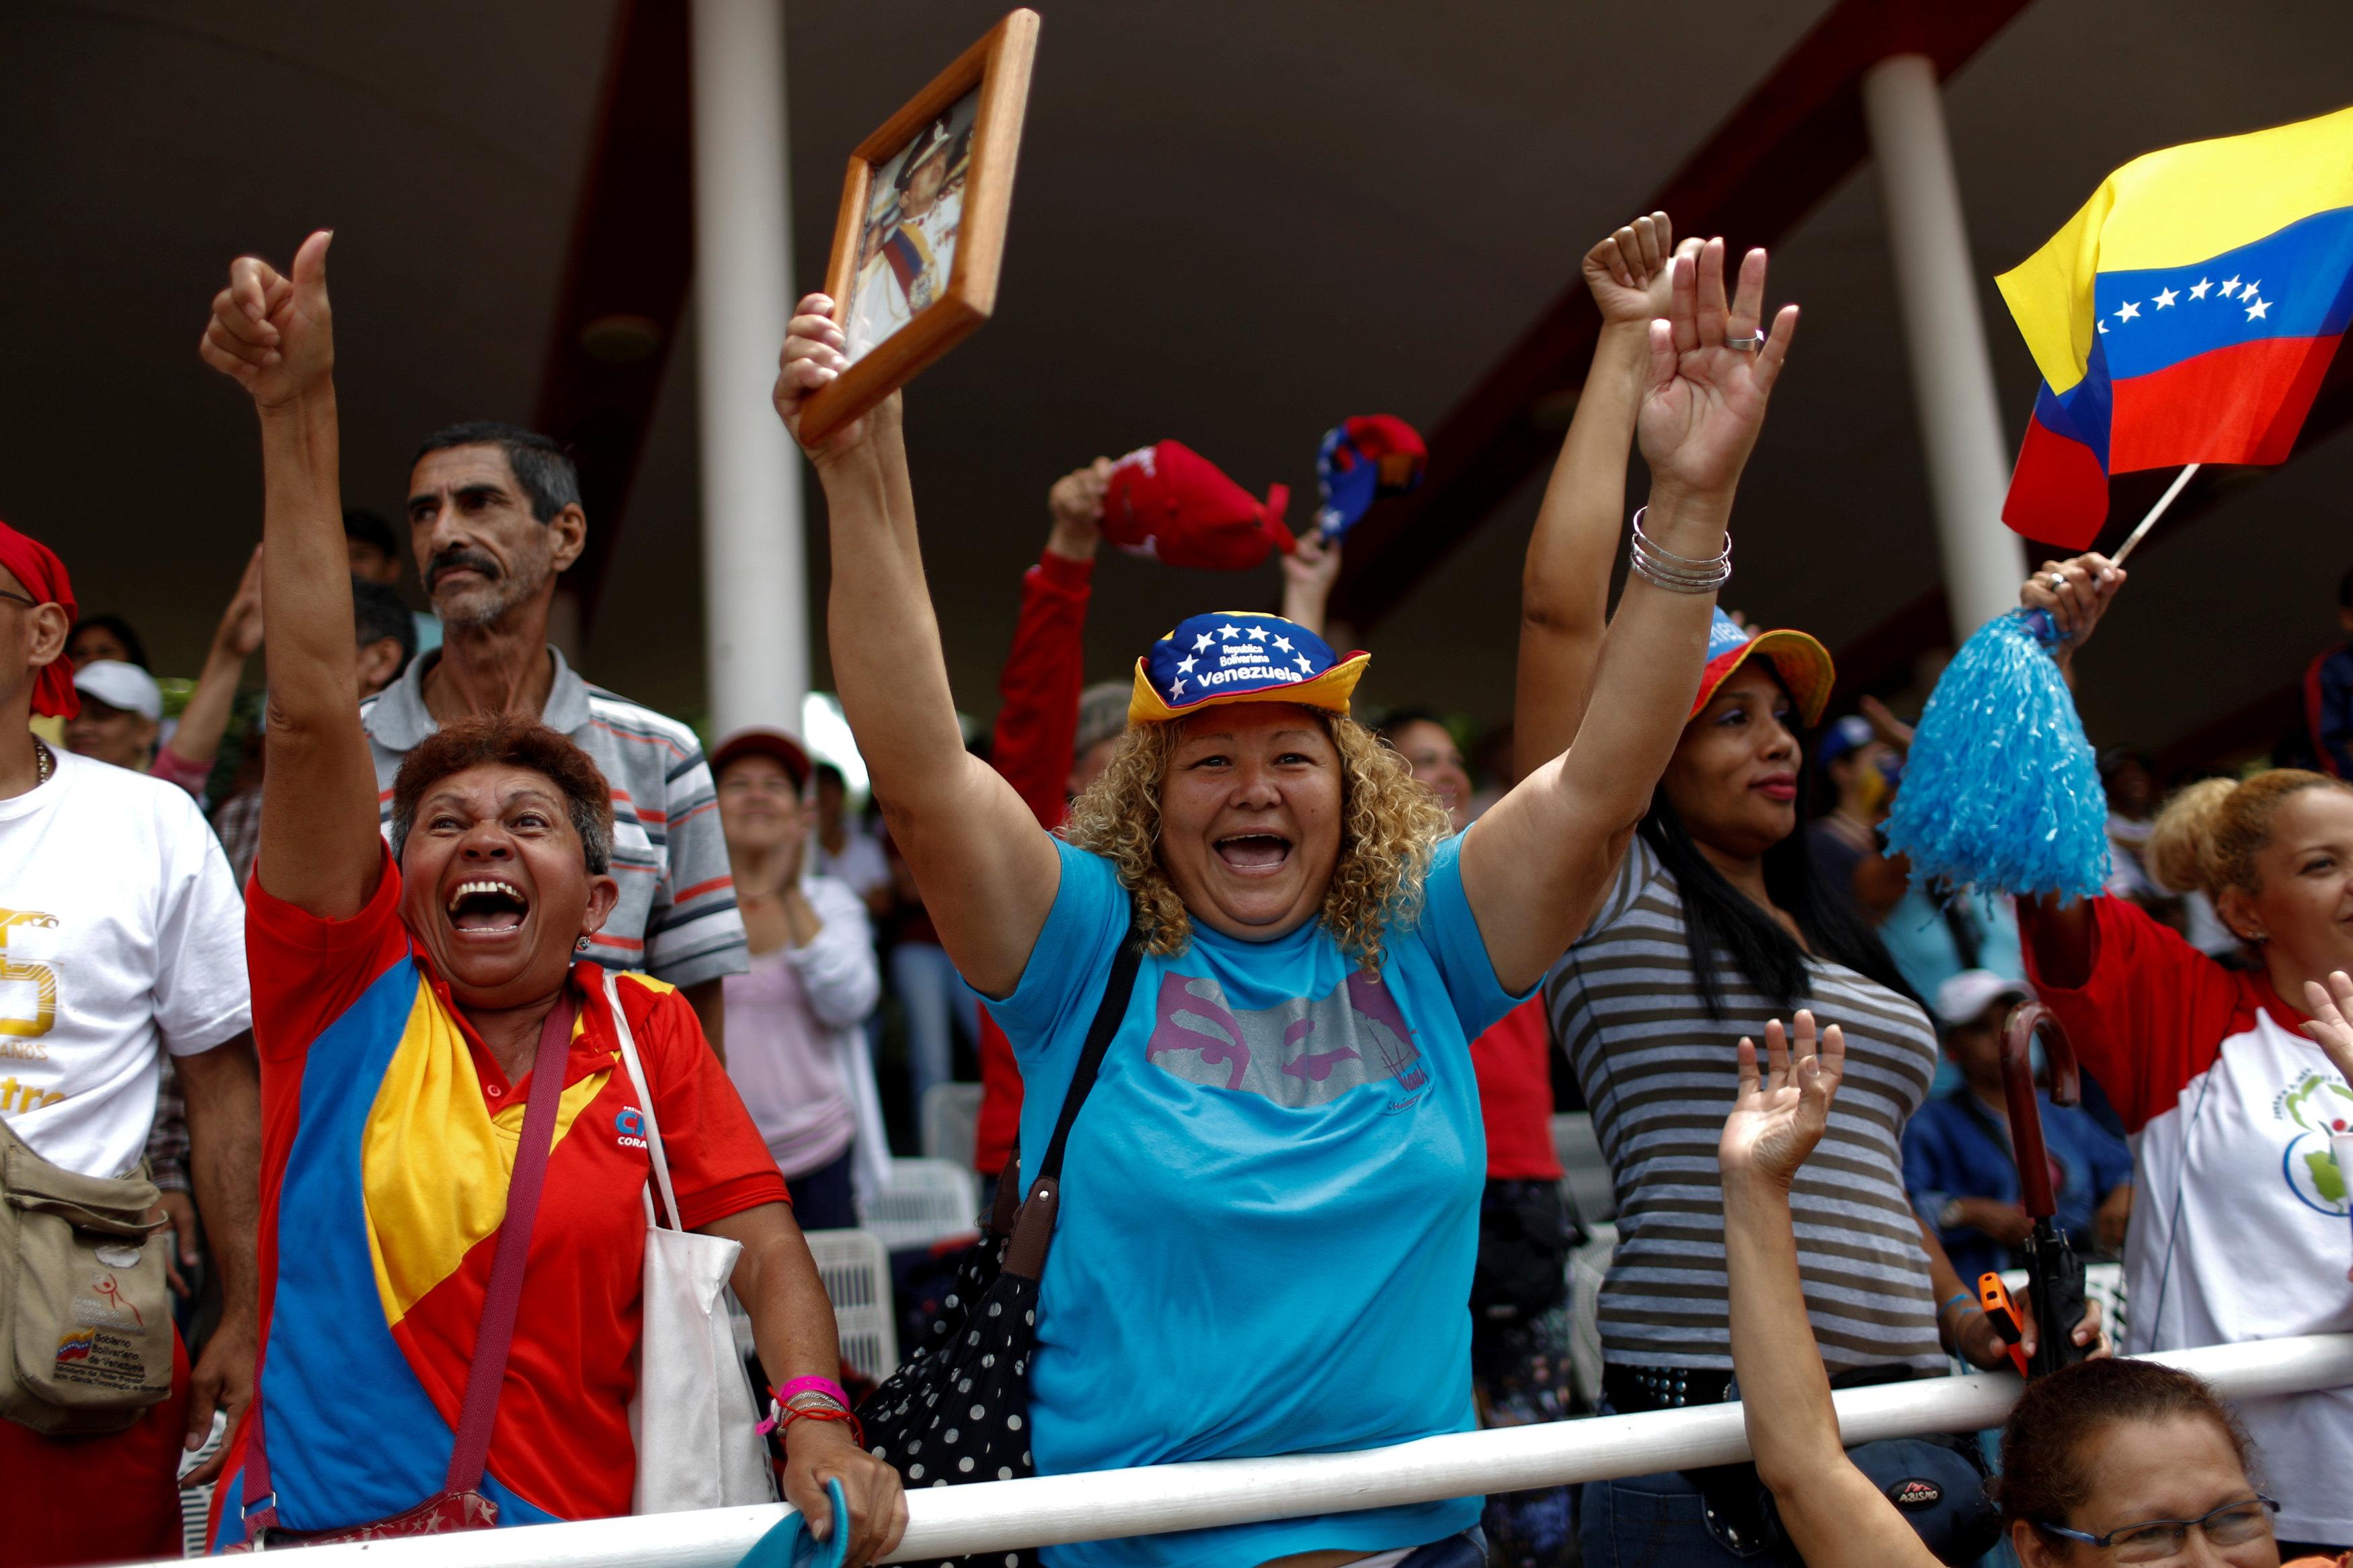 ¿Infierno o paraíso?: Las contradictorias versiones de Venezuela que ver...